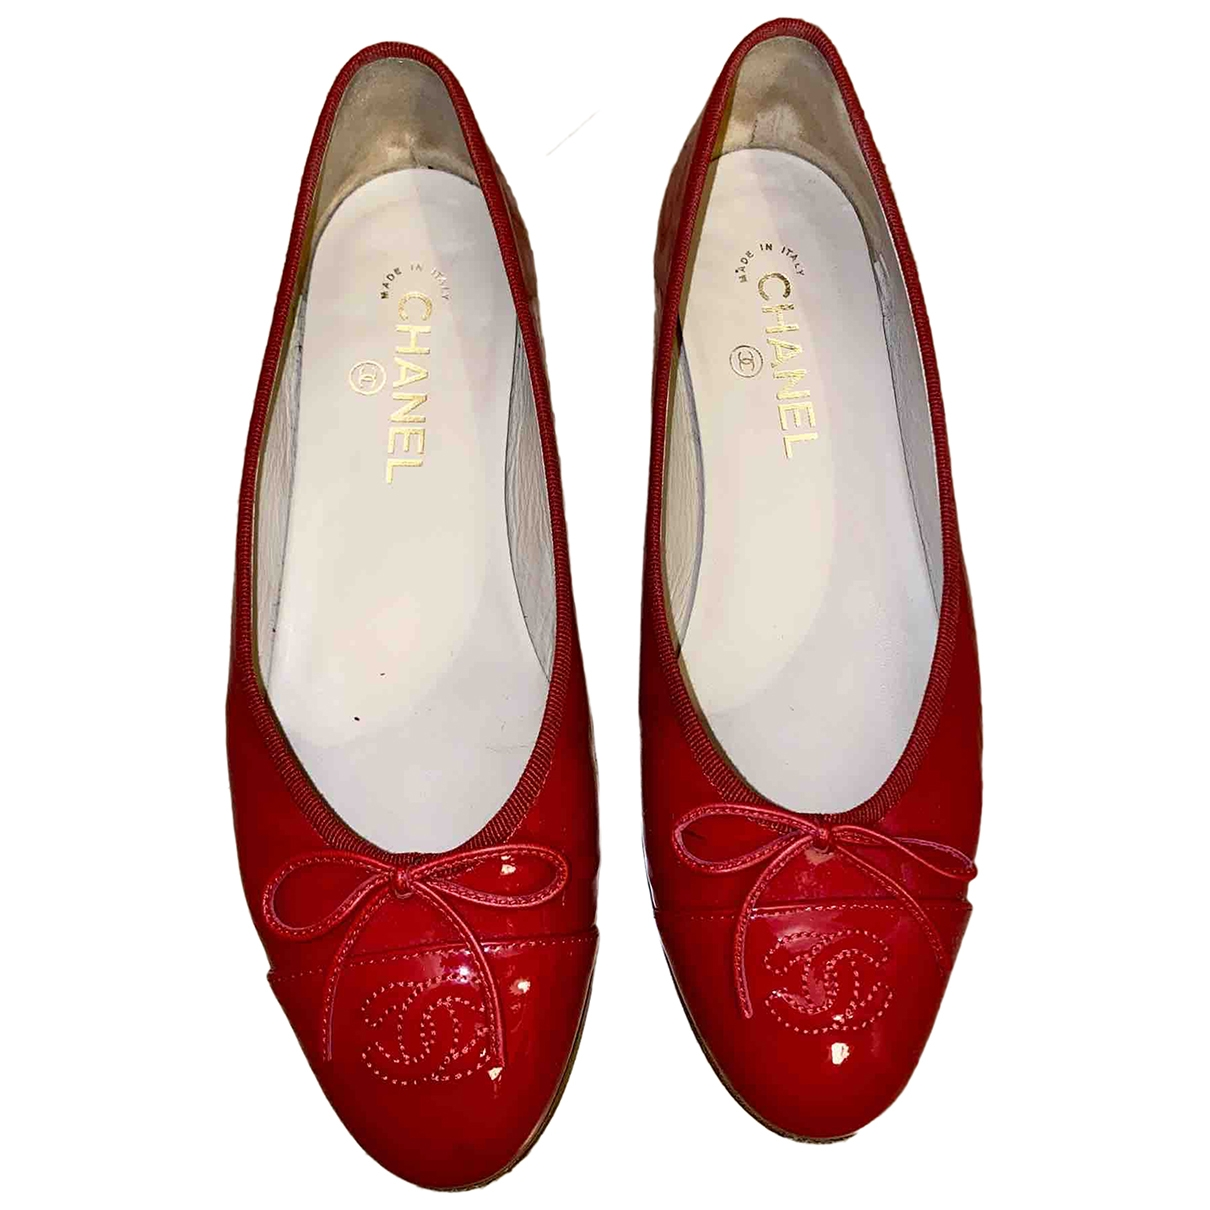 Chanel - Ballerines   pour femme en cuir verni - rouge